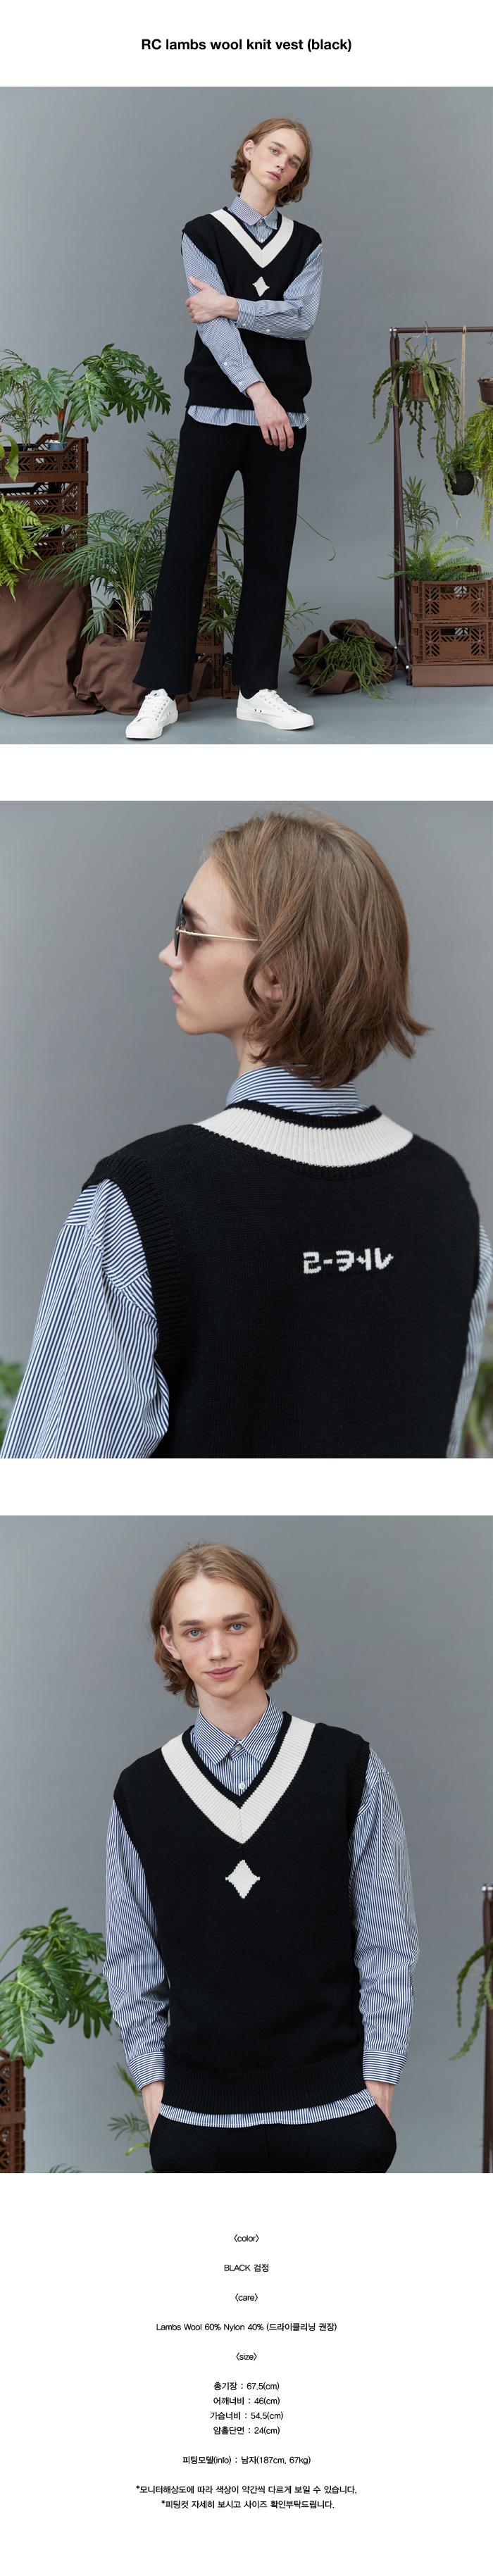 리플레이컨테이너(REPLAY CONTAINER) RC lambs wool knit vest (black)